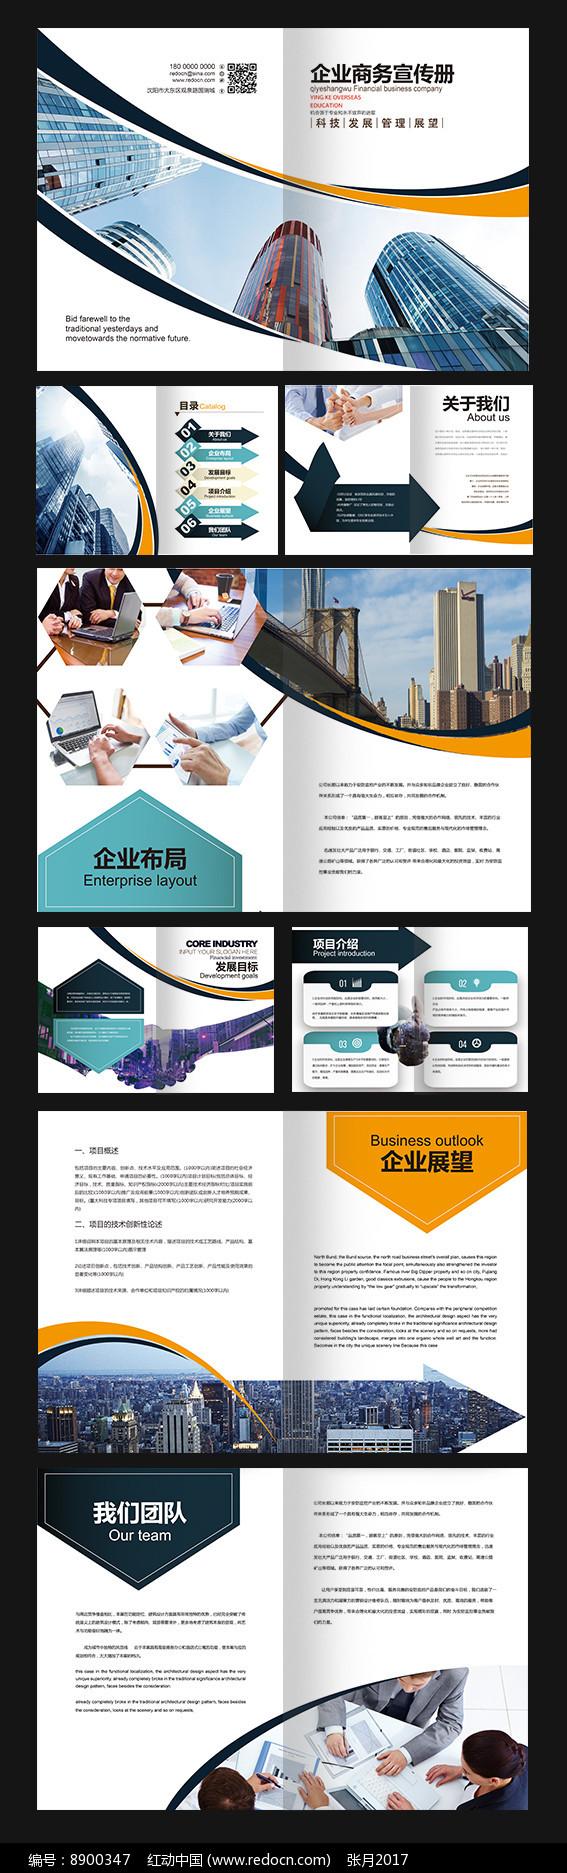 高端企业商务画册